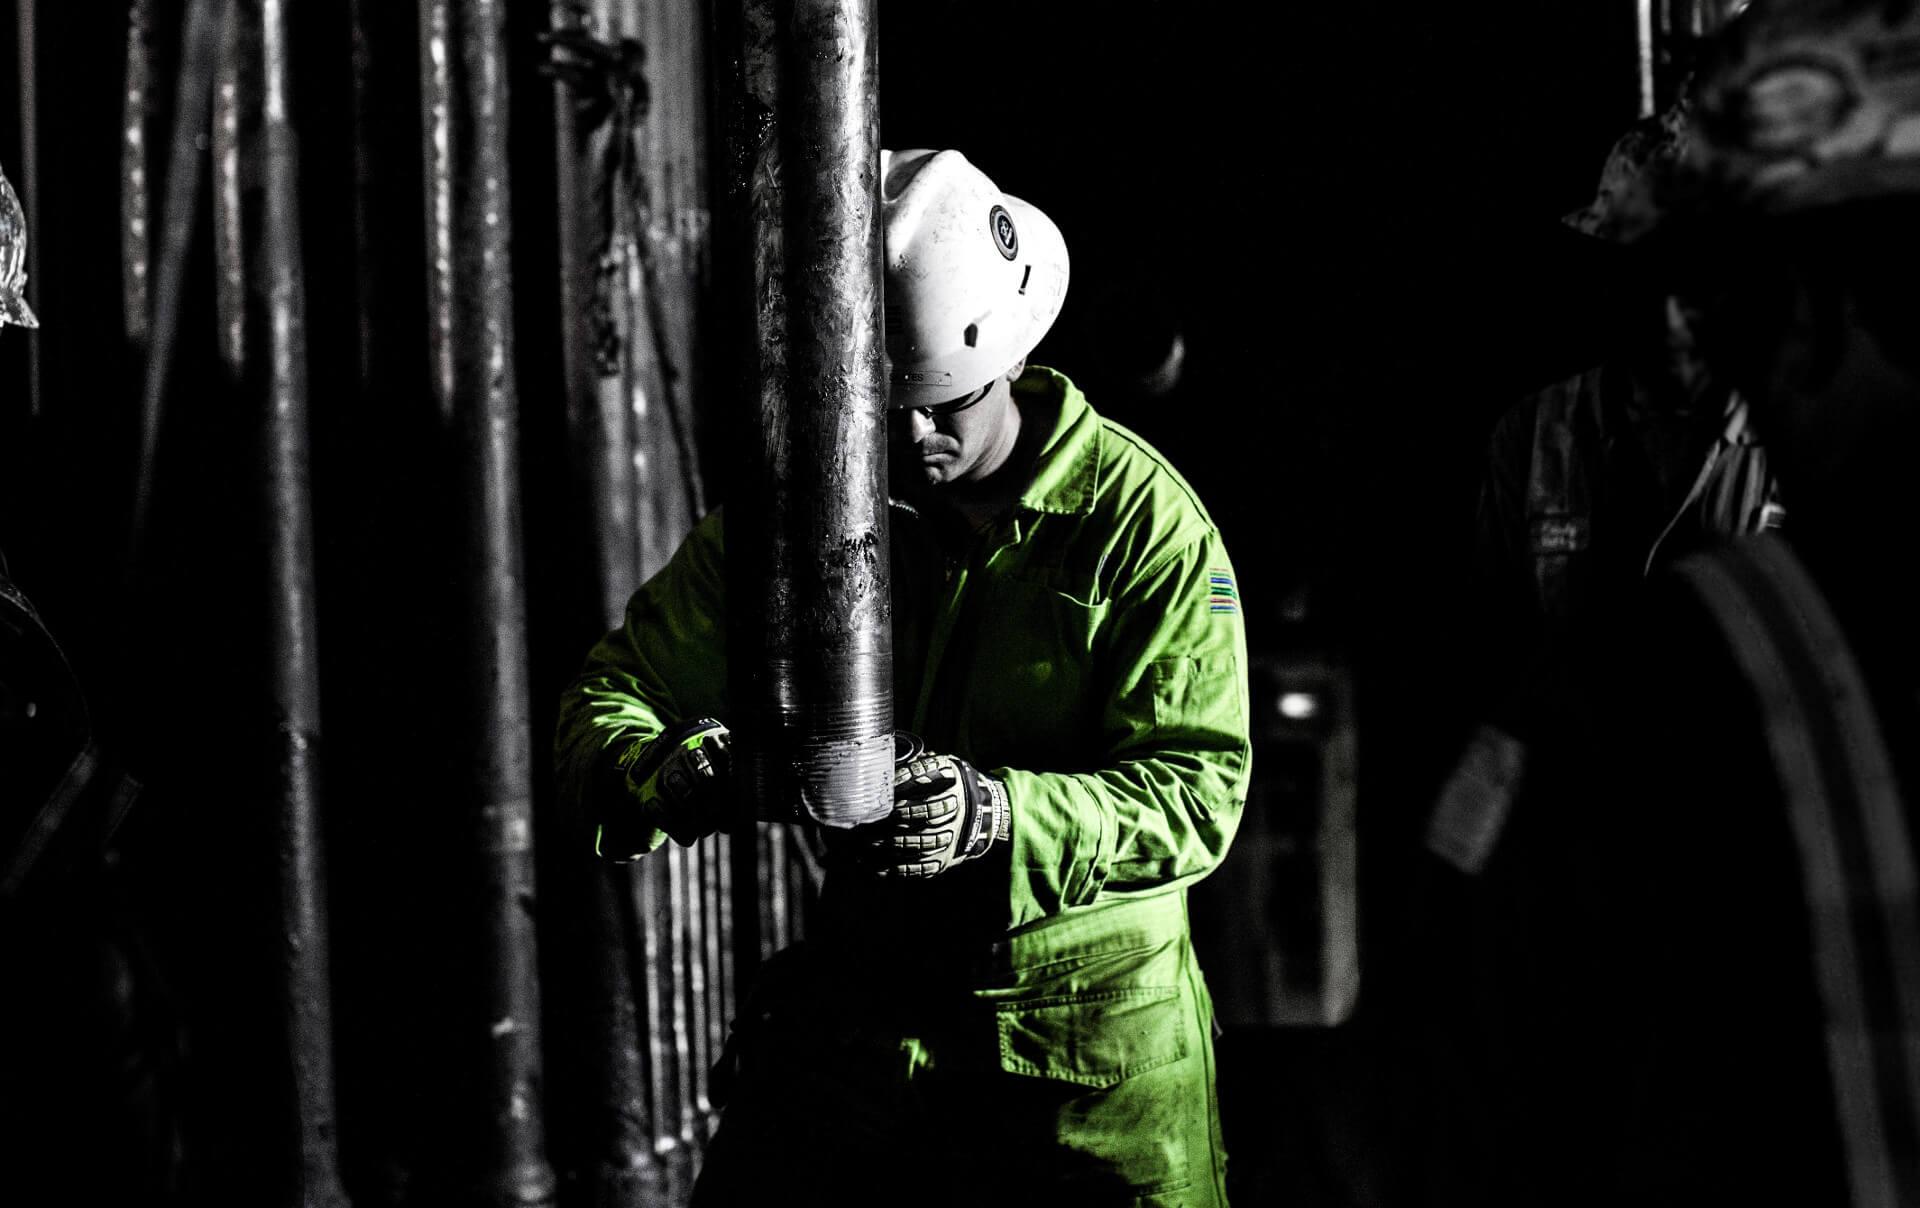 Jobs at North American Pipe Supplying Company, Tenaris